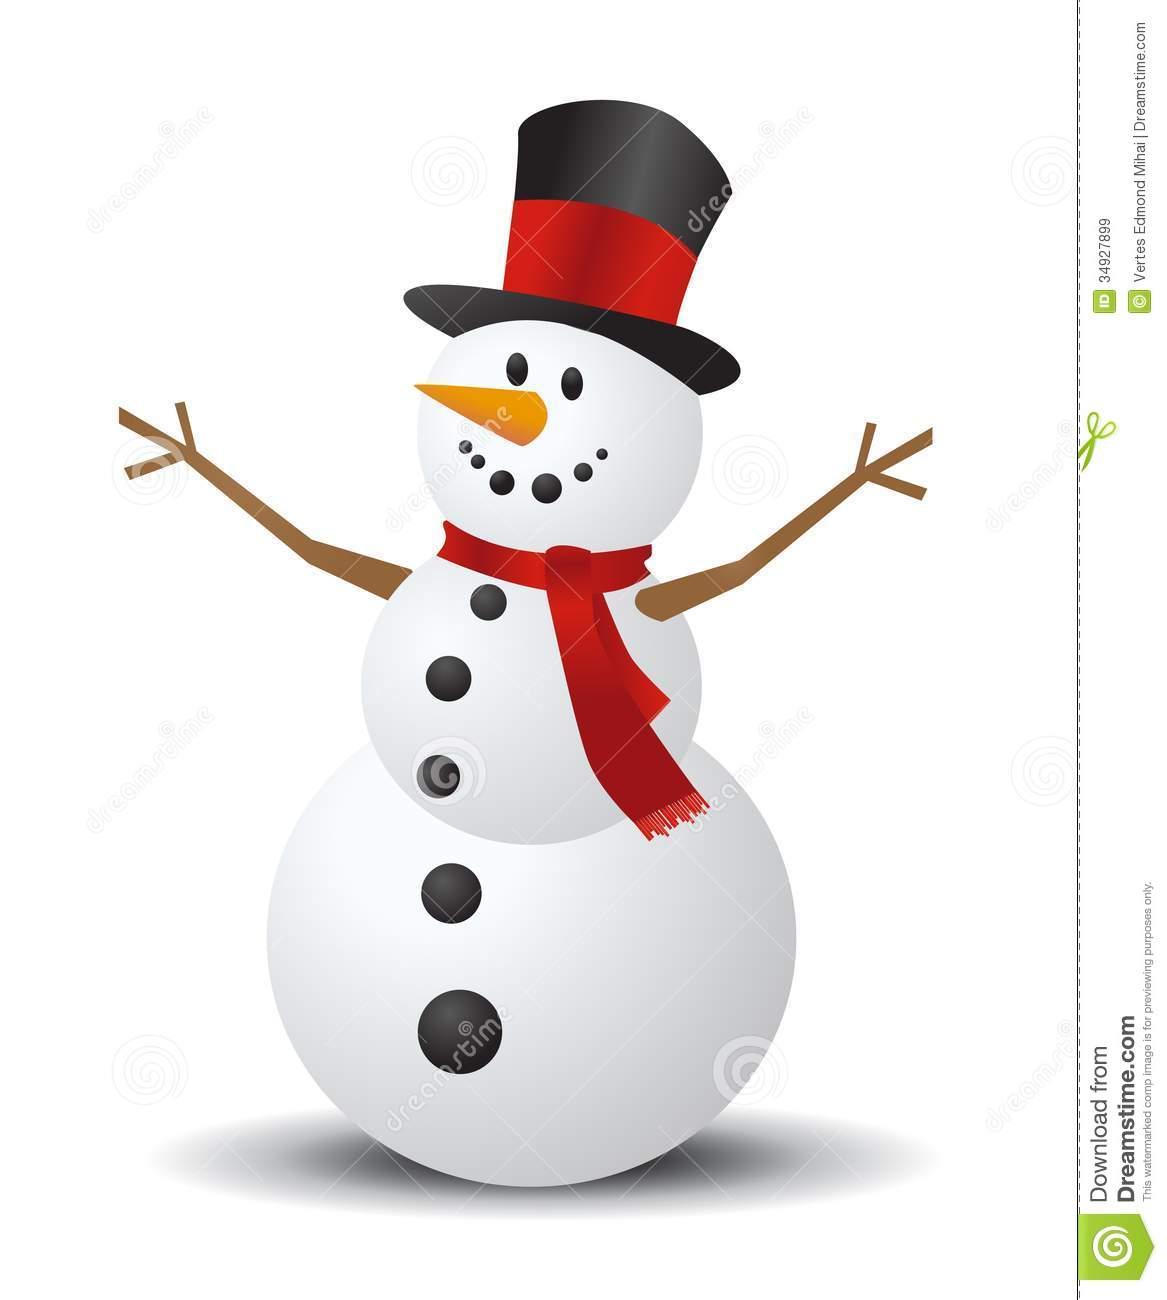 Snowman clipart basic Clipart Snowman 126 Snowman Clipart